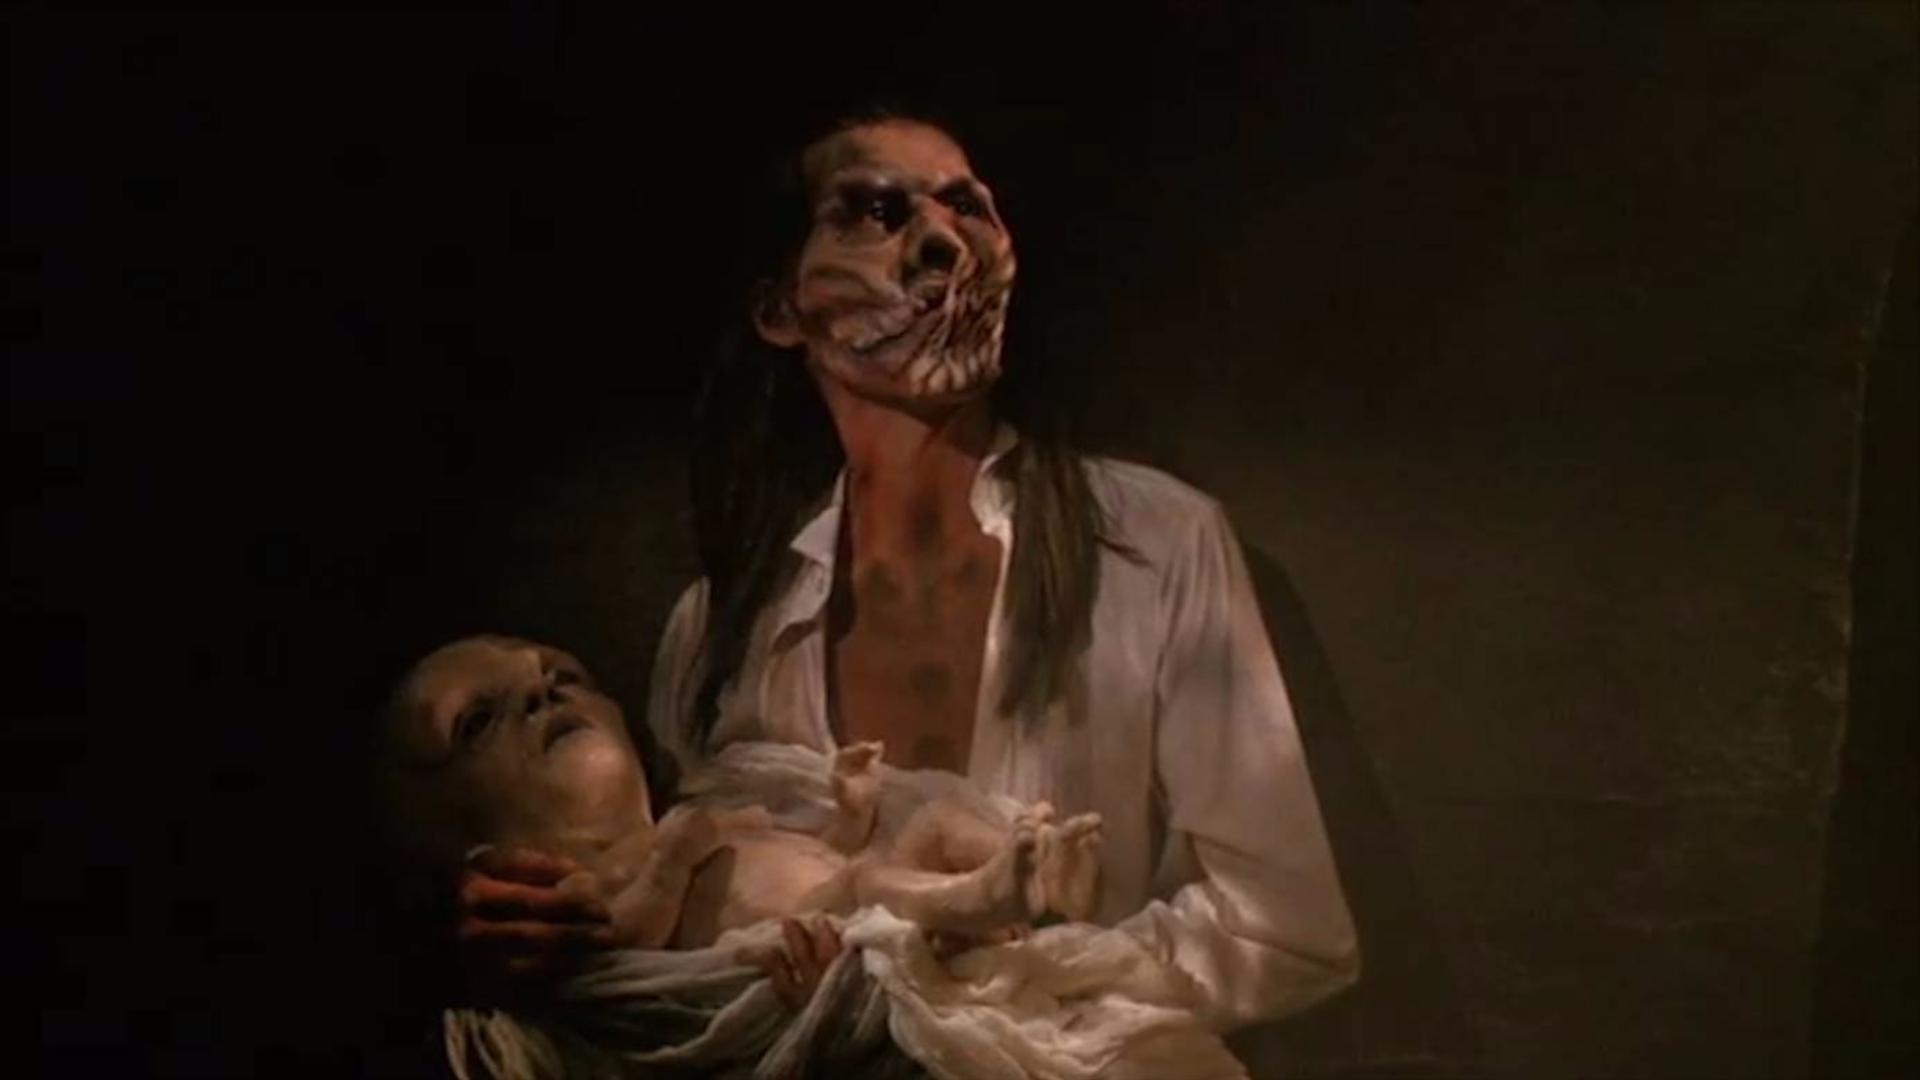 男子潜入废弃墓地,寻找恶梦根源,结果发现了一个诡异的新人种